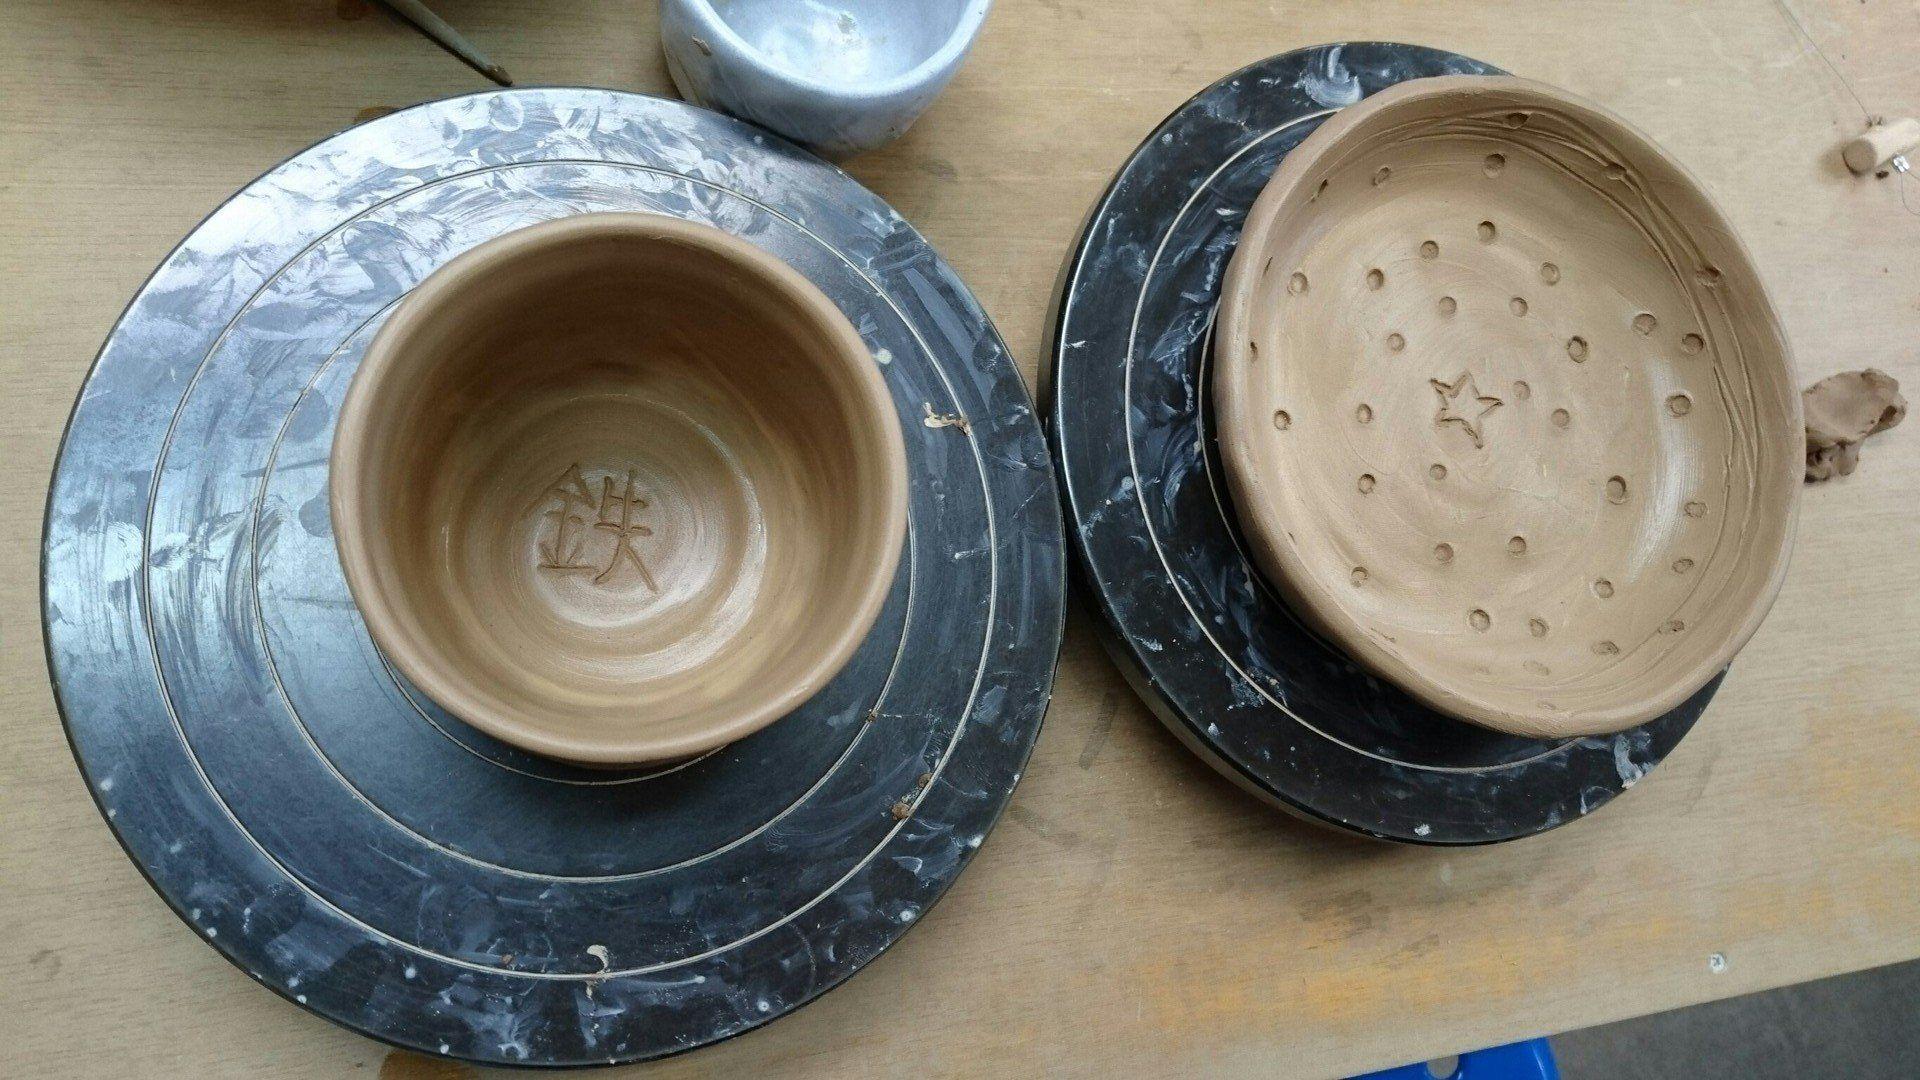 盛岡手づくり村で手作り体験!子供と一緒に陶芸ができる!お土産も!